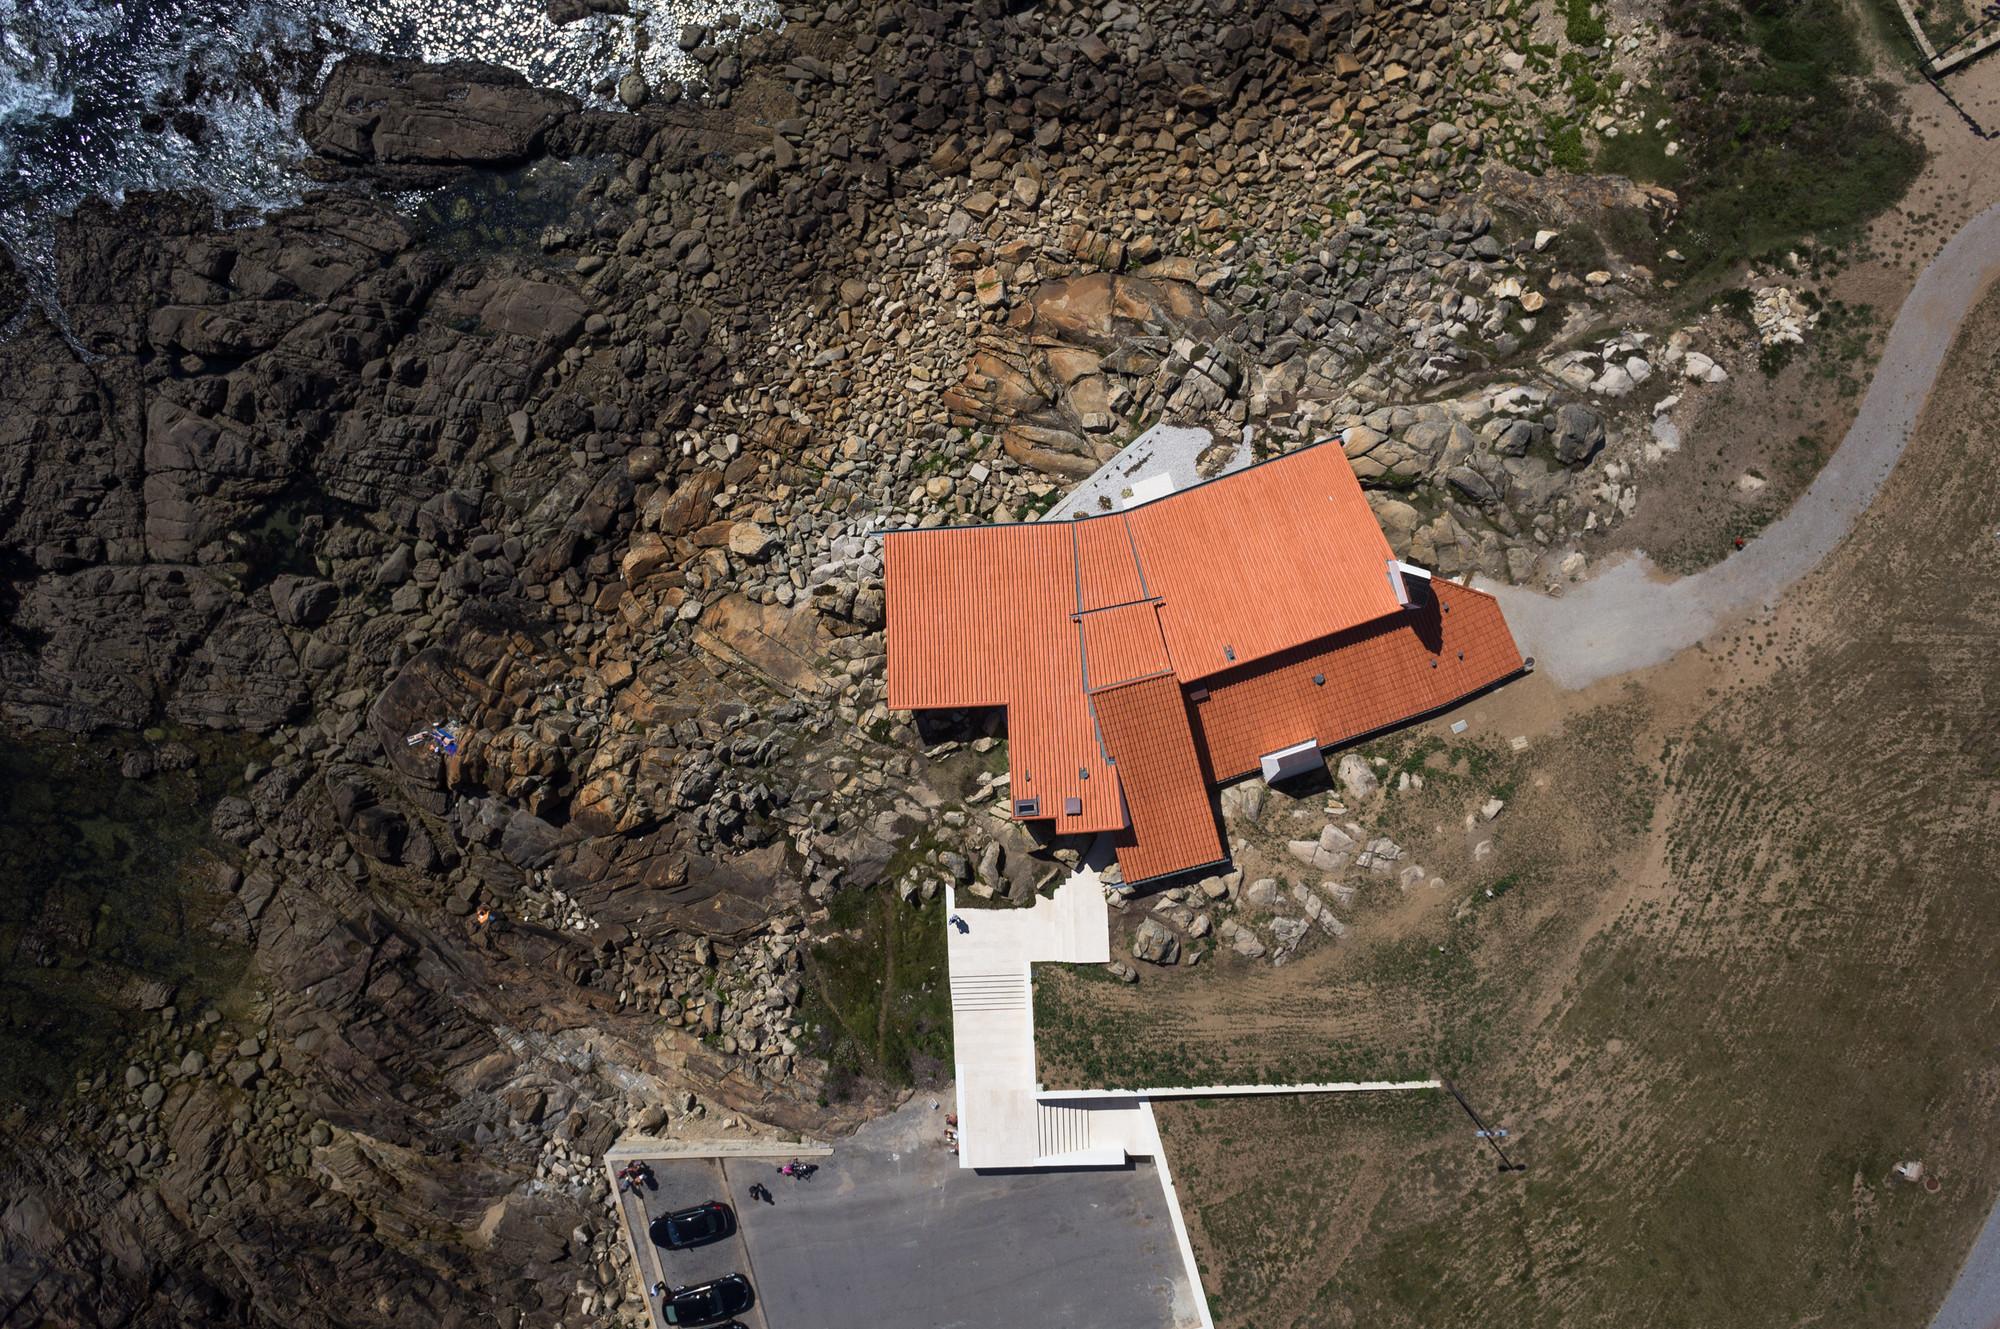 """El poder del """"plan-view"""": Drones y fotografía de arquitectura, Casa del té Boa Nova / Álvaro Siza Vieira. Imágen © Joao Morgado"""